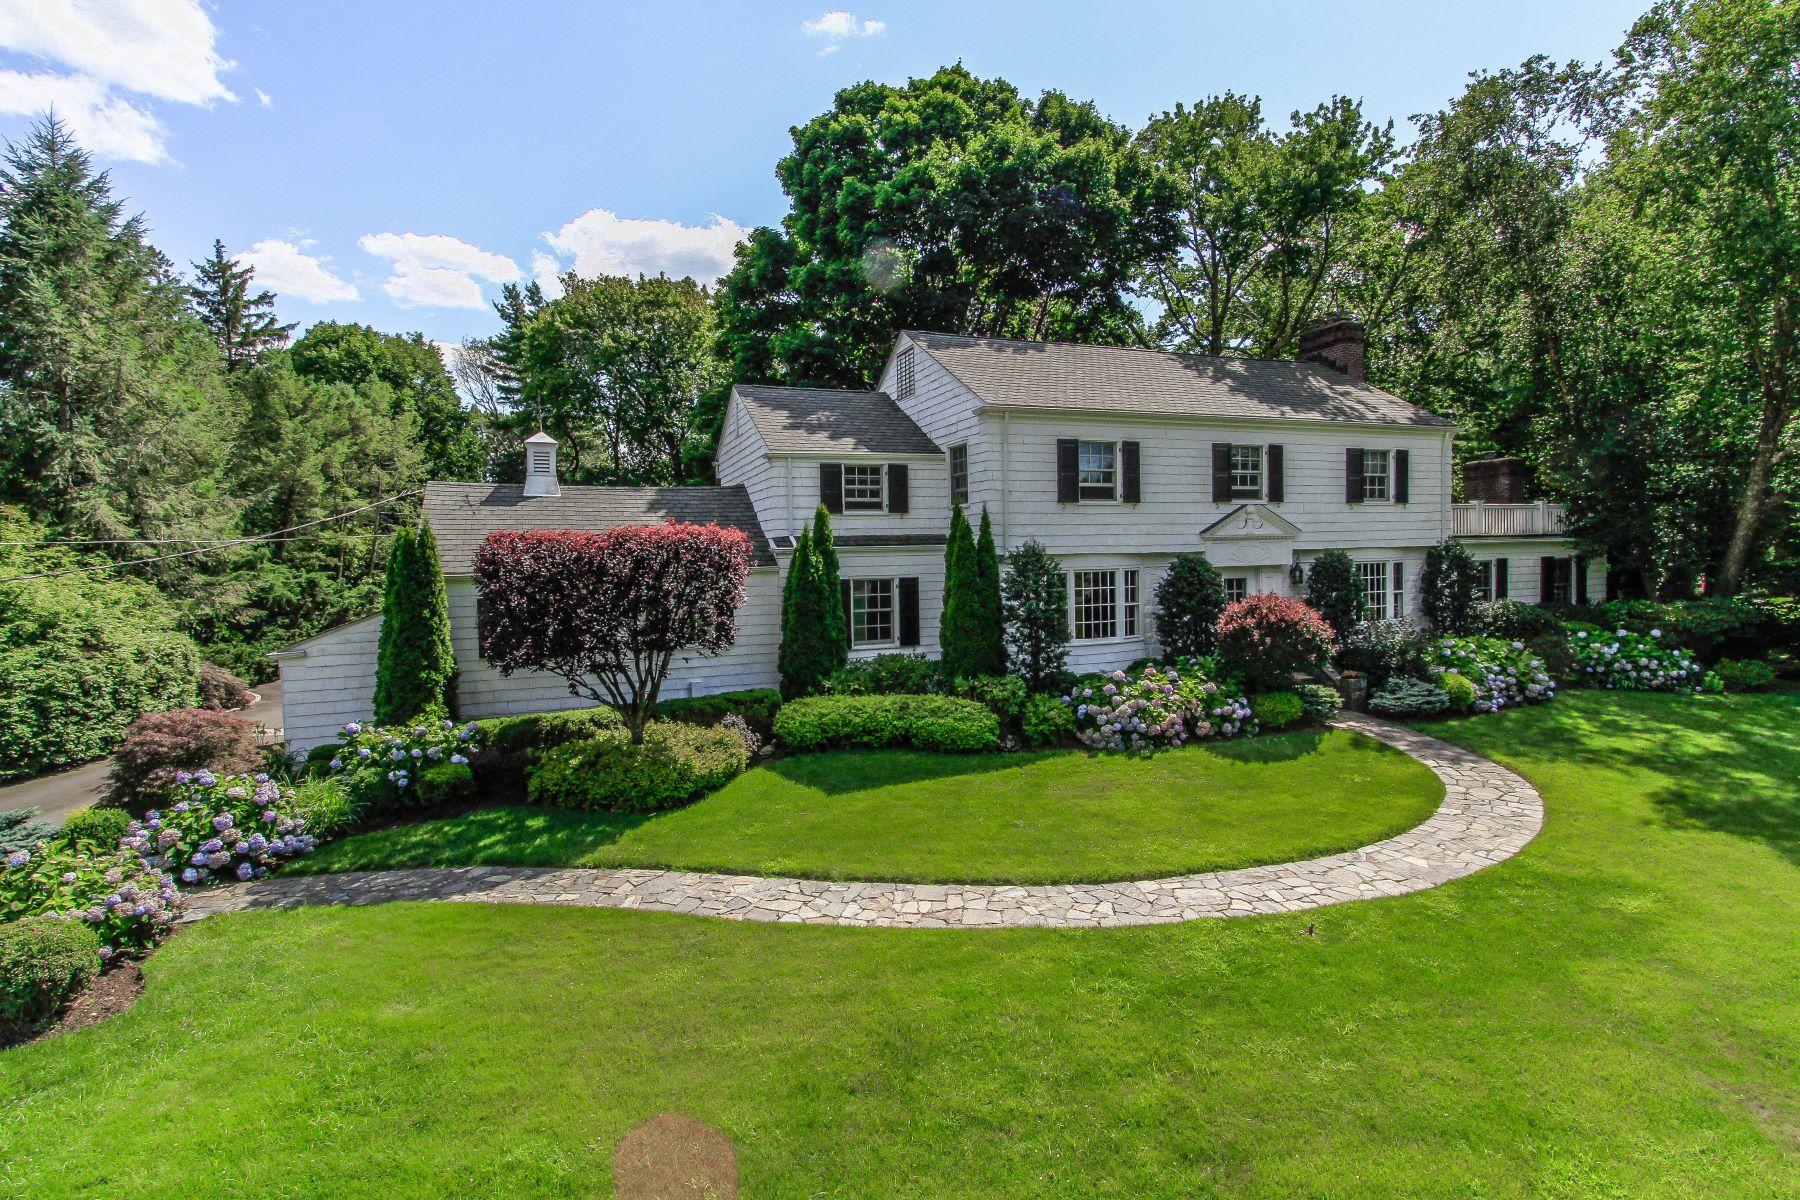 Maison unifamiliale pour l Vente à 134 Haviland Road Harrison, New York, 10528 États-Unis